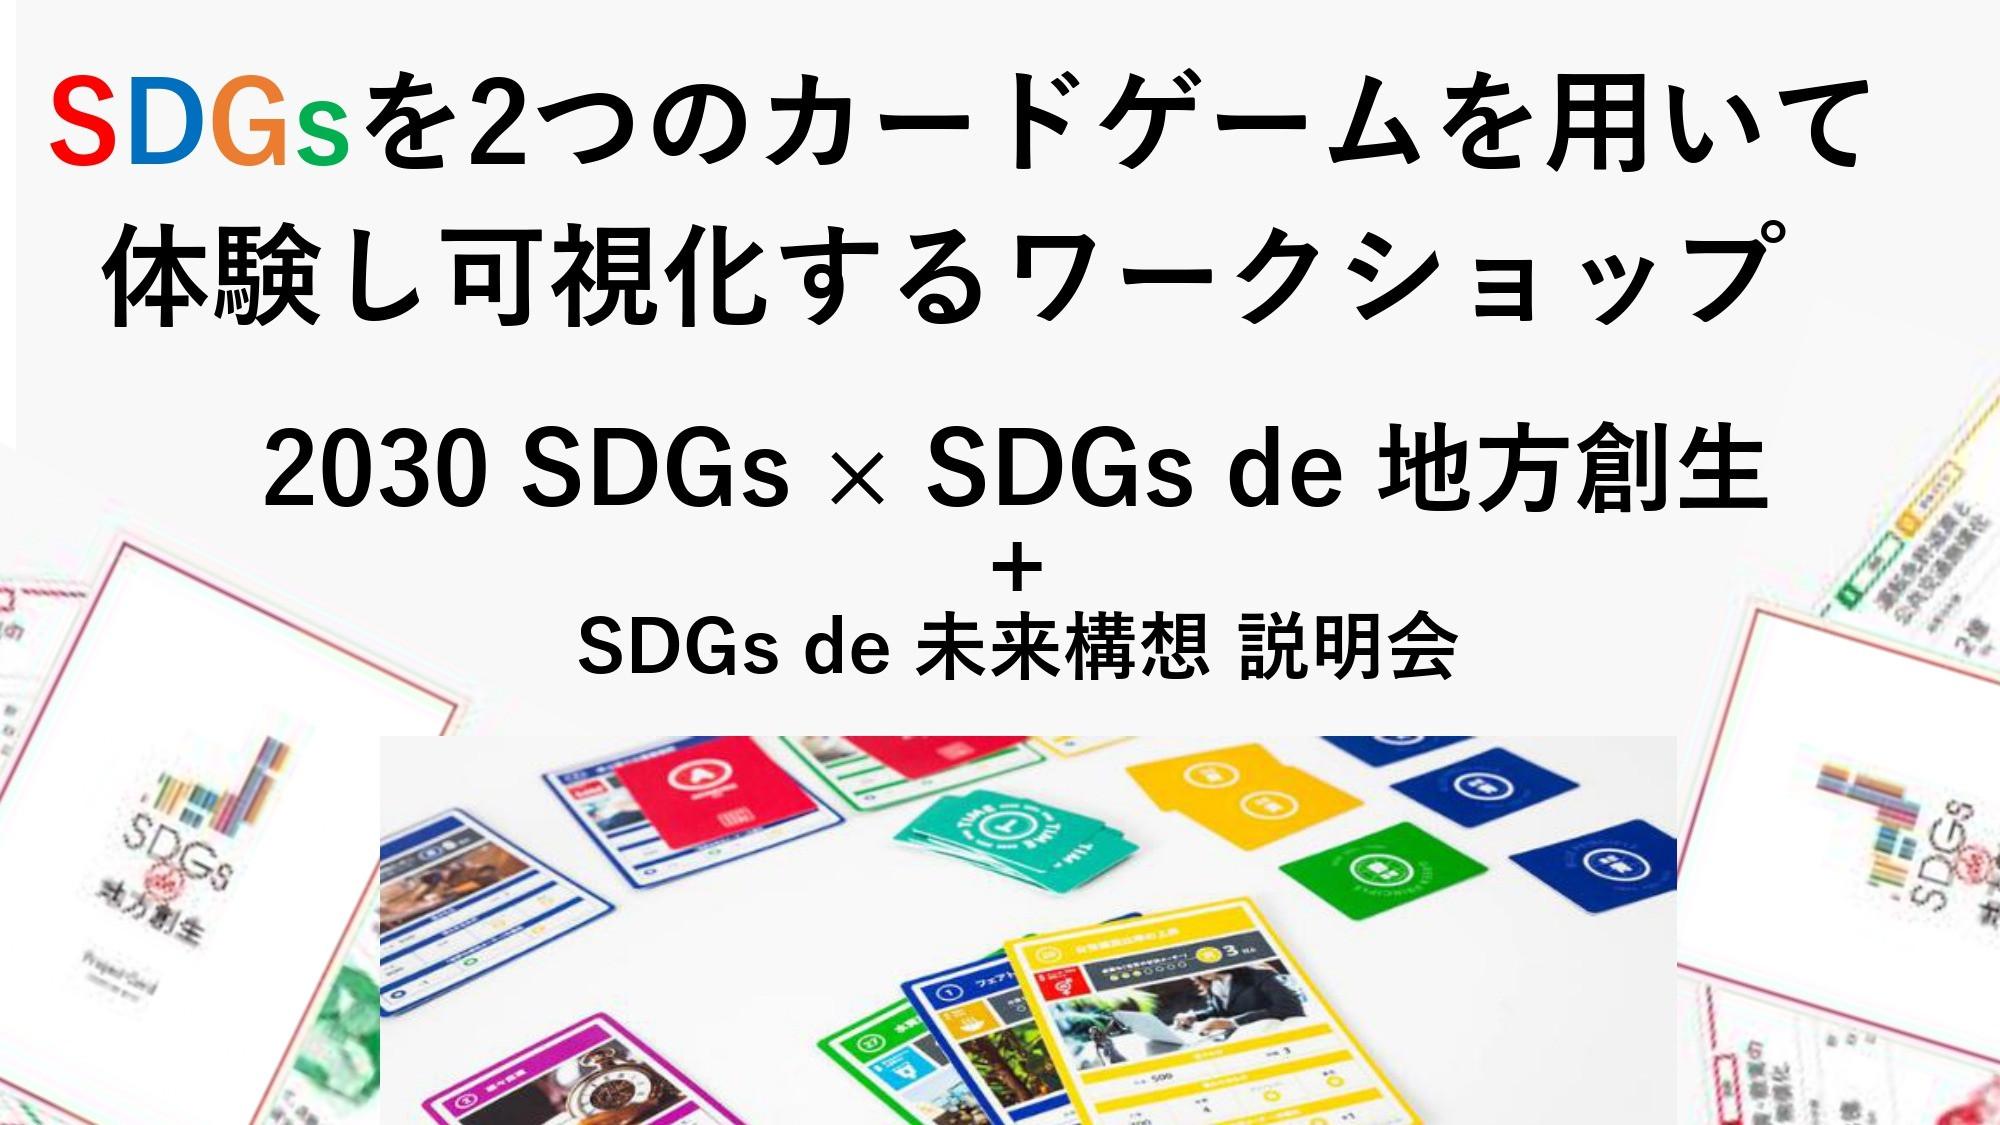 <2030SDGs+SDGs de 地方創生 ワークショップ>社会の今と未来をカードゲームで体験のイメージ